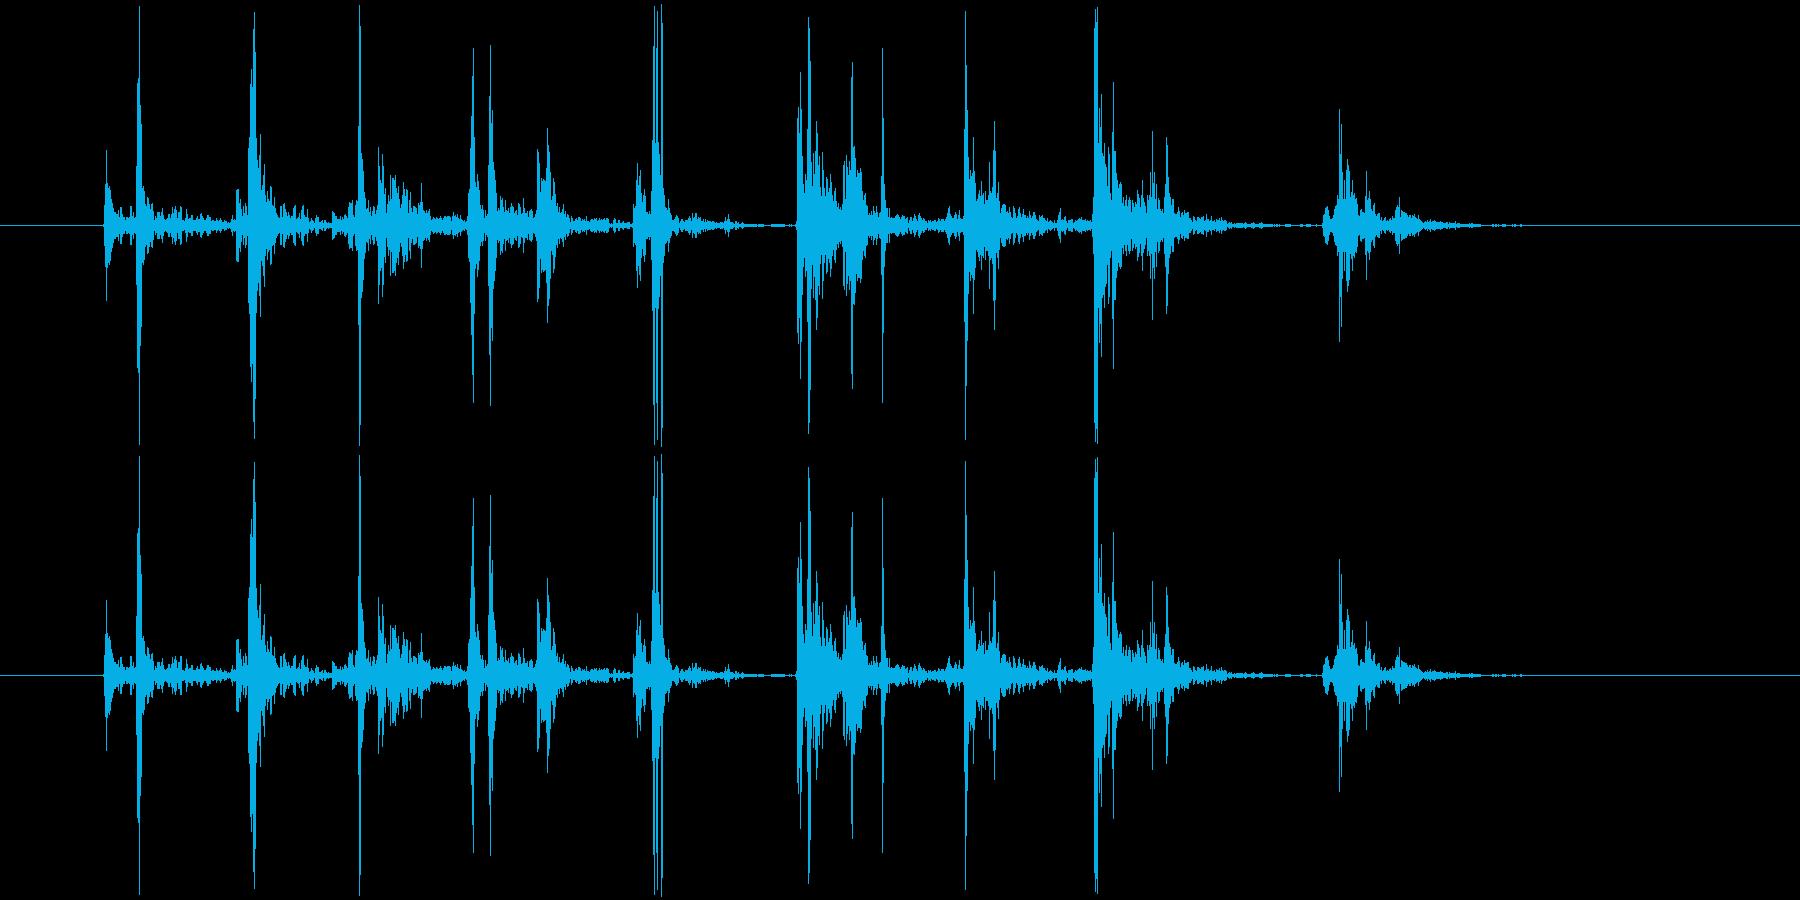 激しいタイピング音(カタカタ)の再生済みの波形